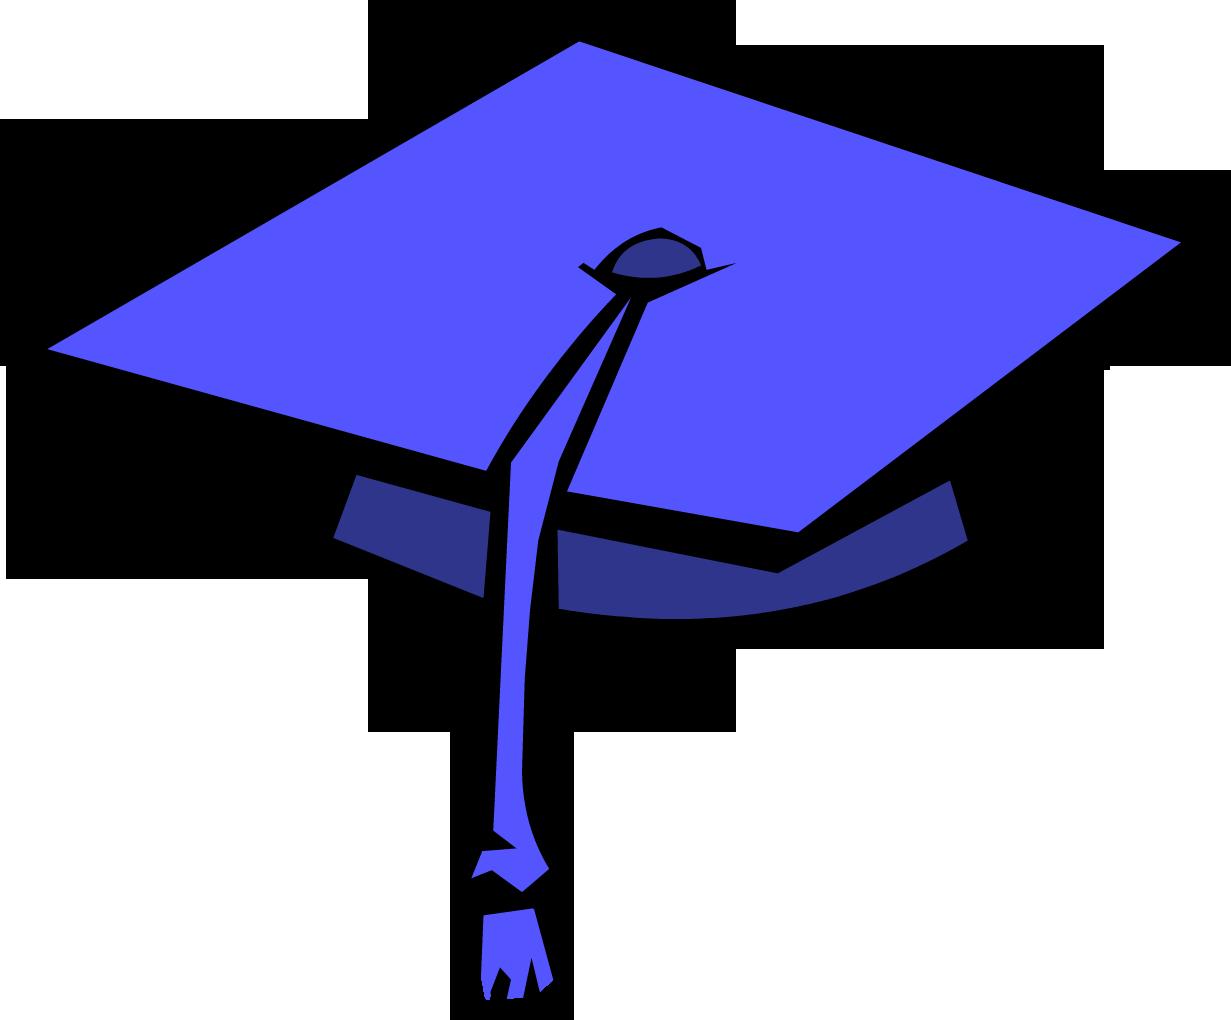 Graduation Cap | Club Penguin Wiki | Fandom powered by Wikia